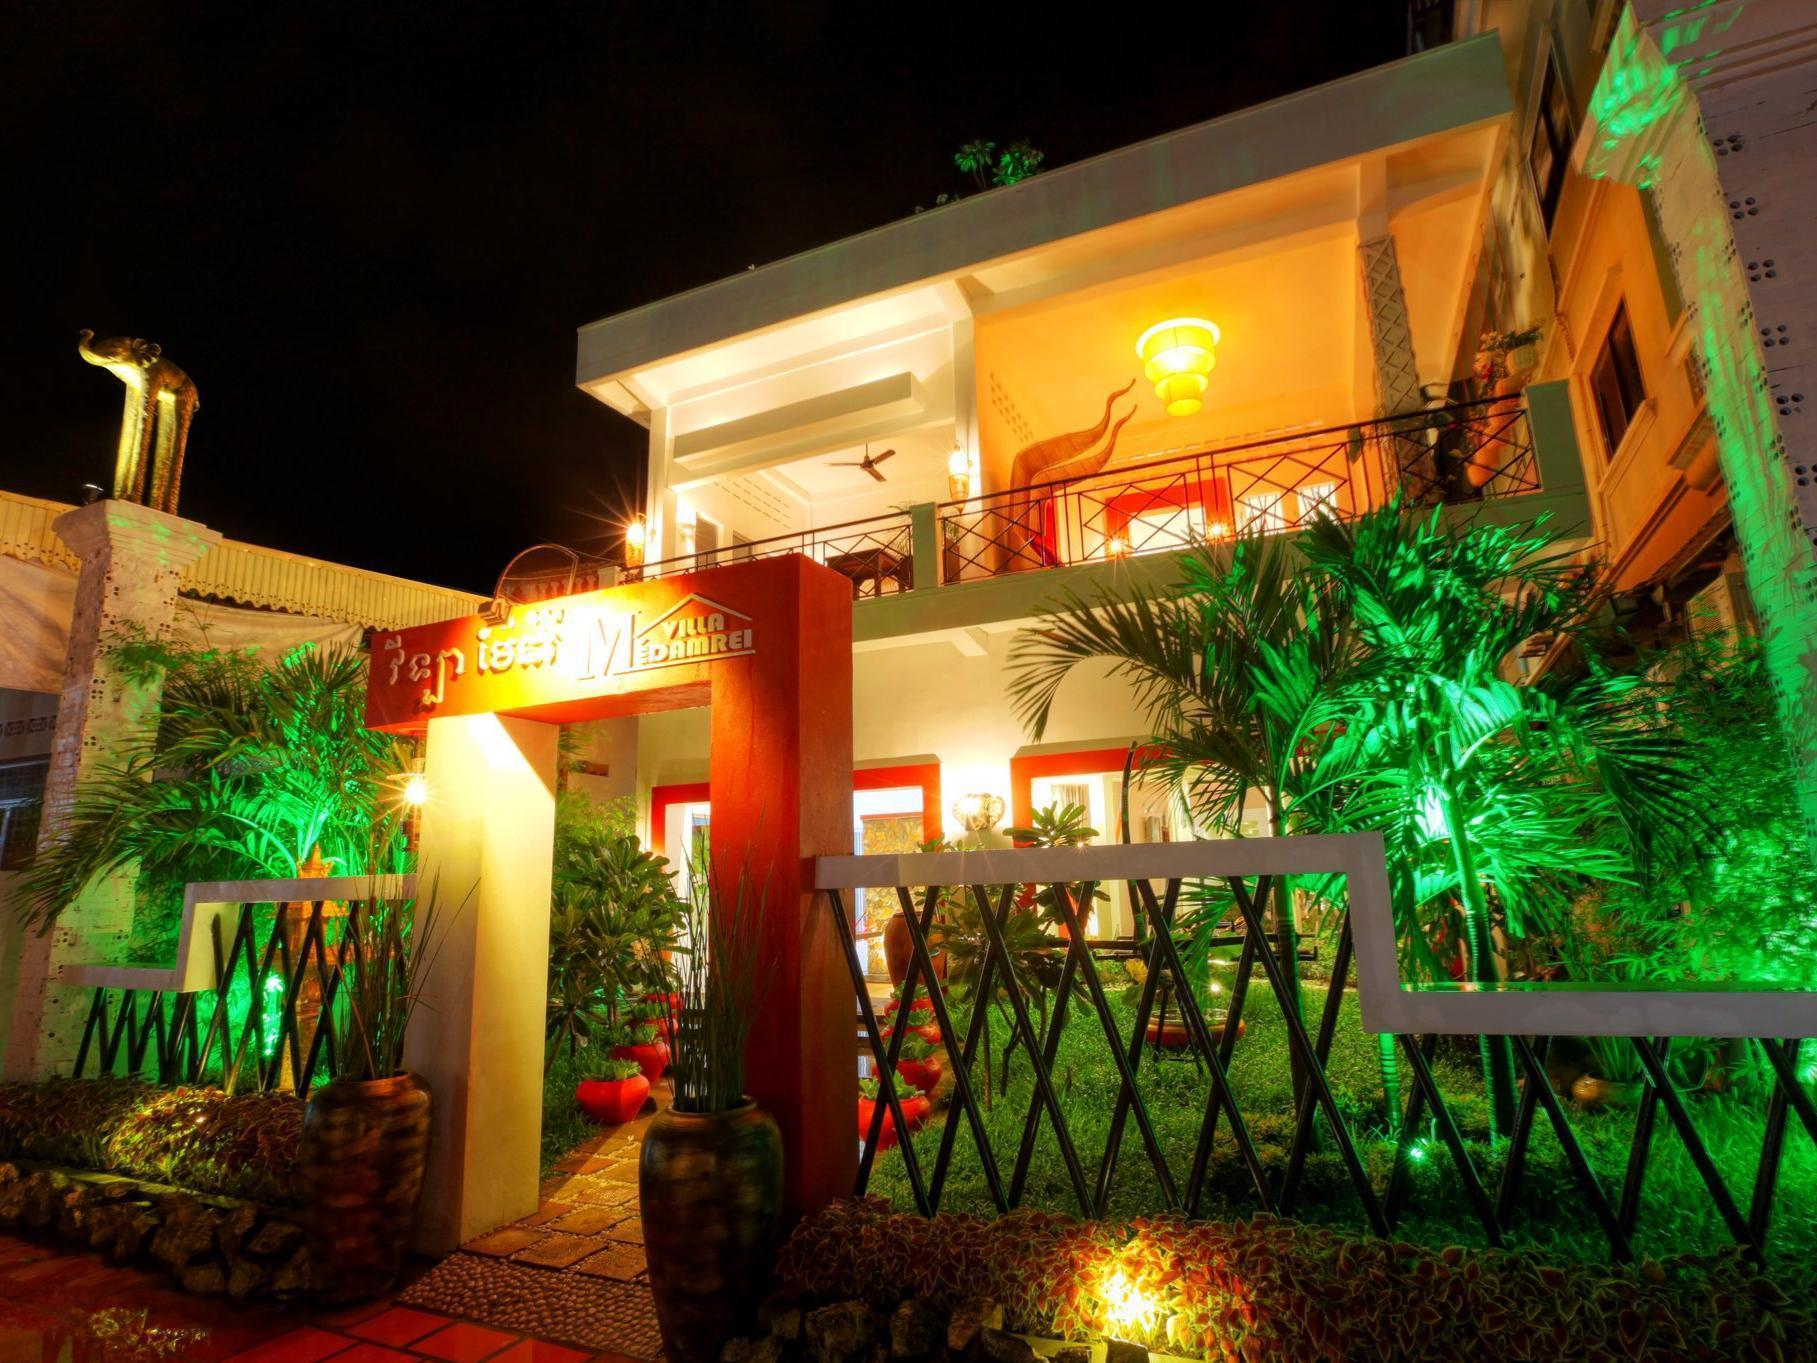 Villa Medamrei - Siem Reap